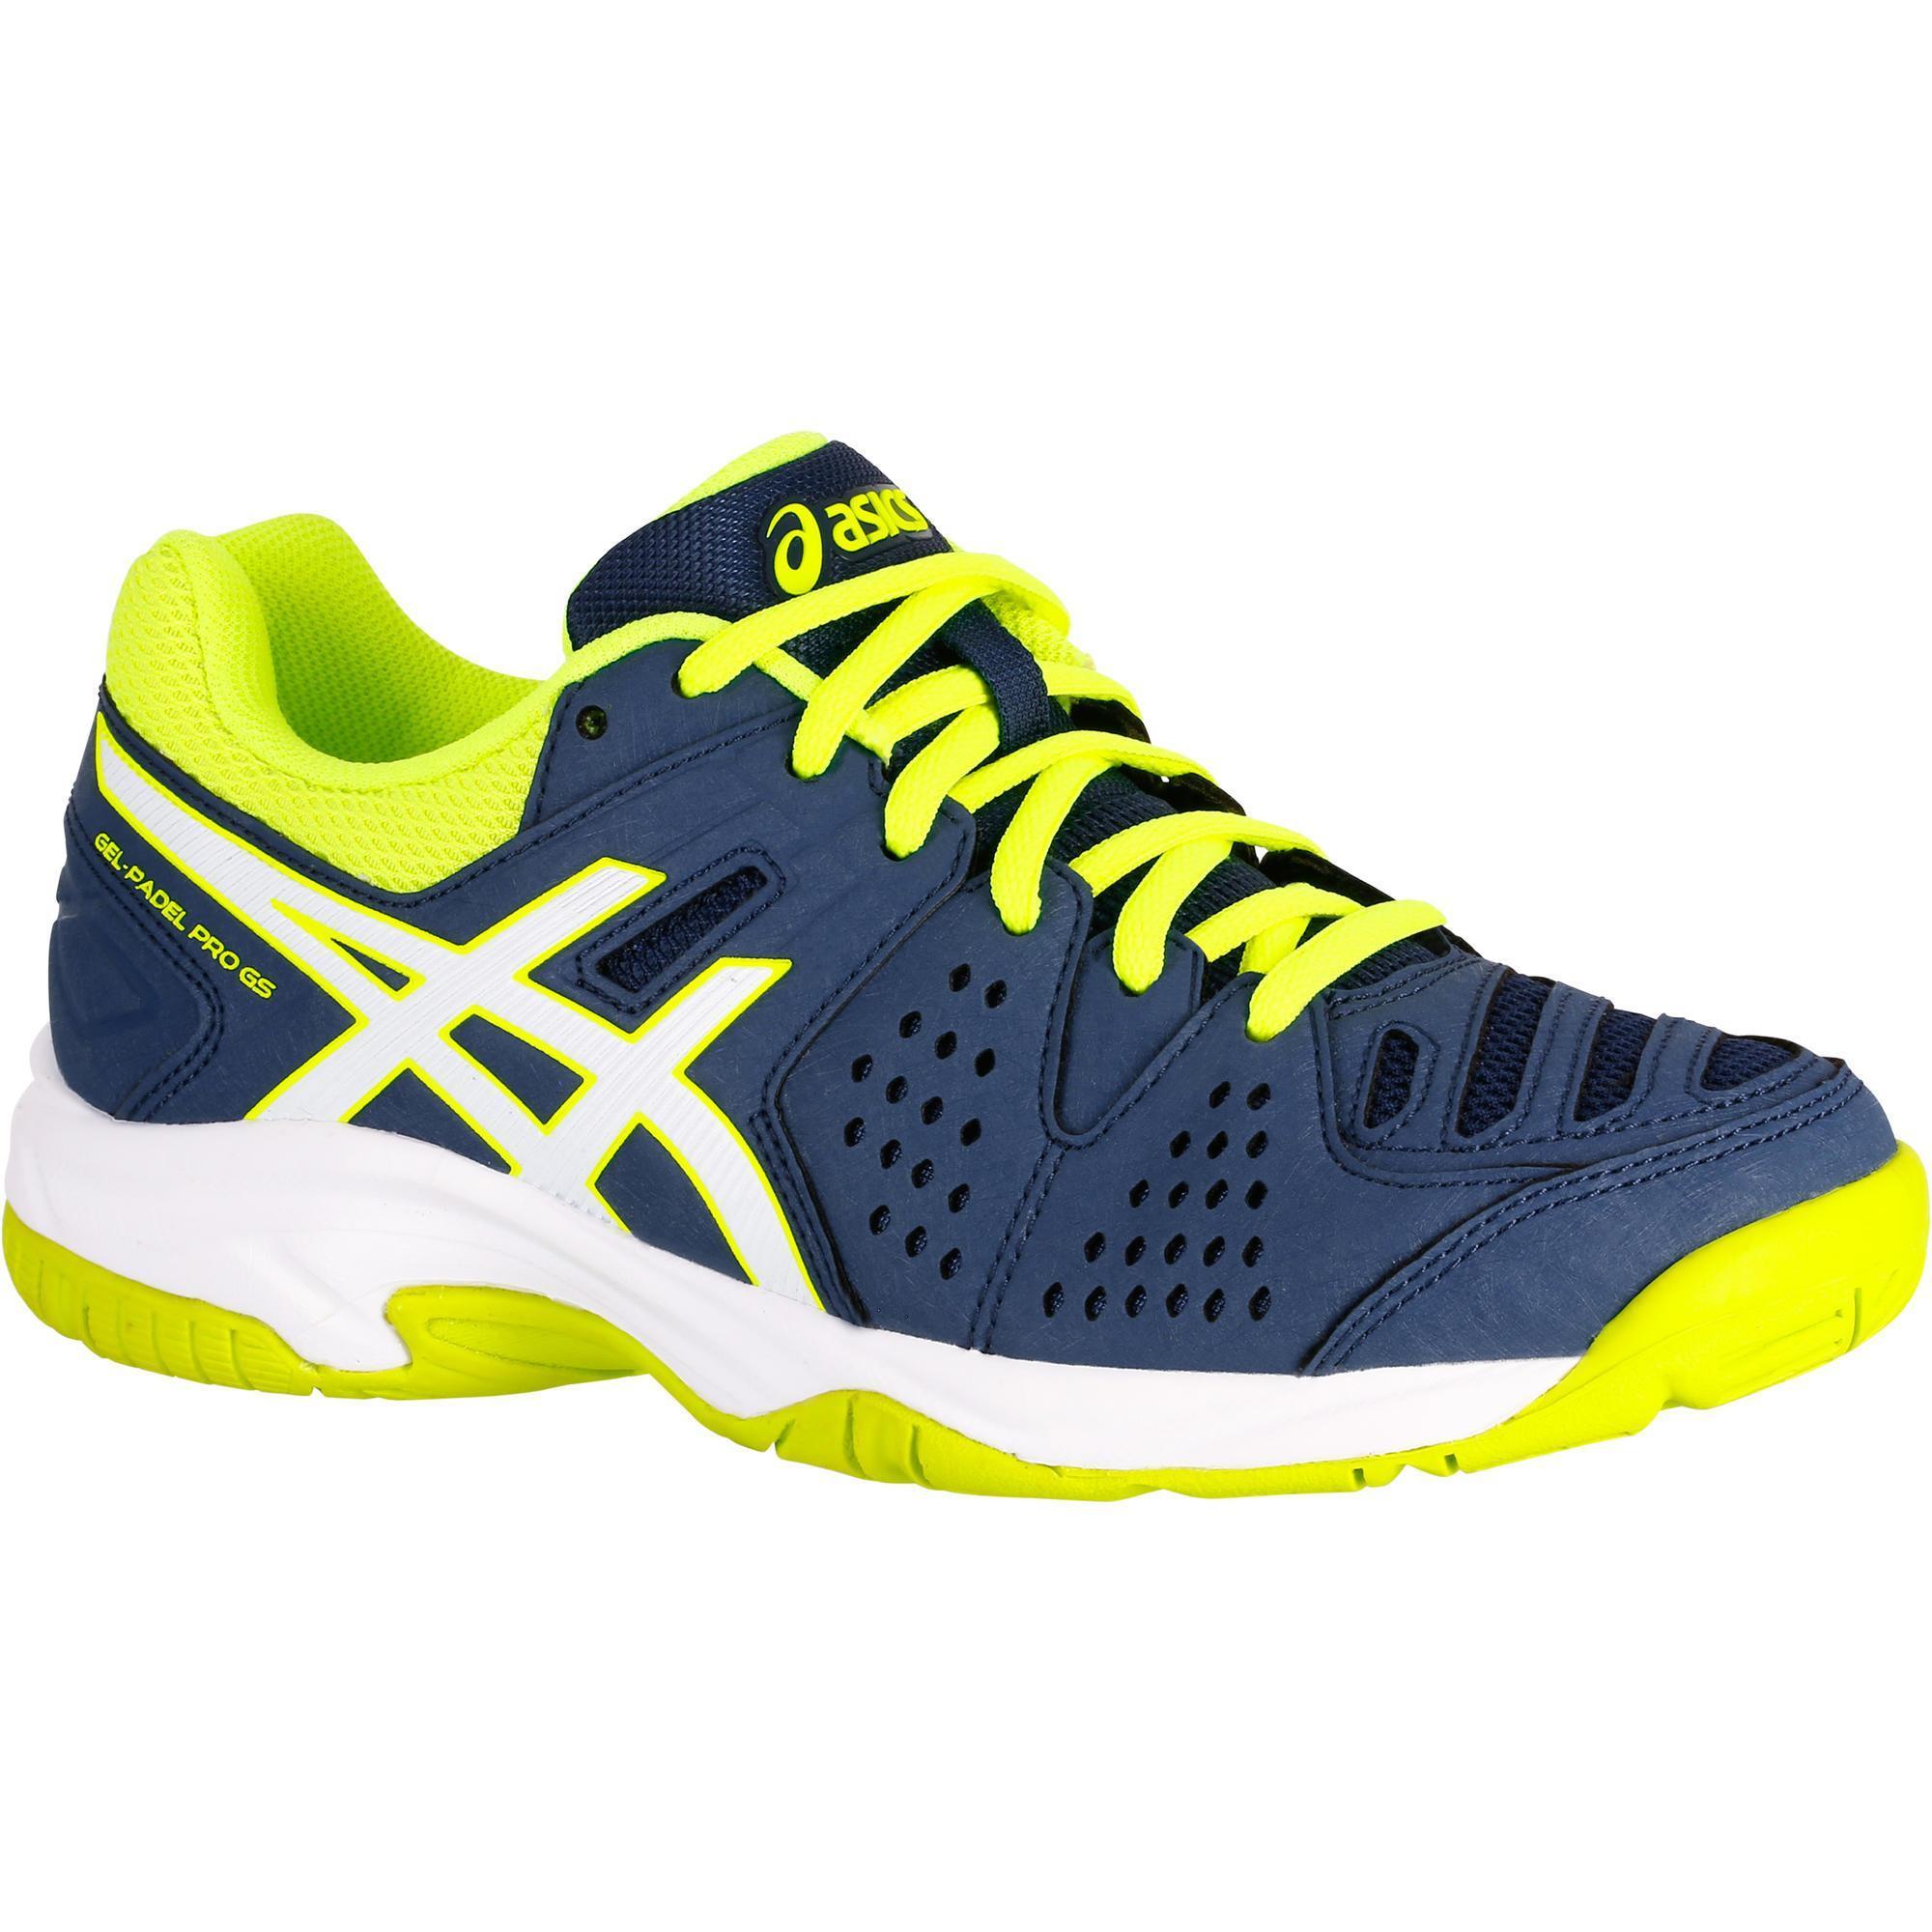 Asics Tennisschoenen voor kinderen Asics Gel Pro blauw geel